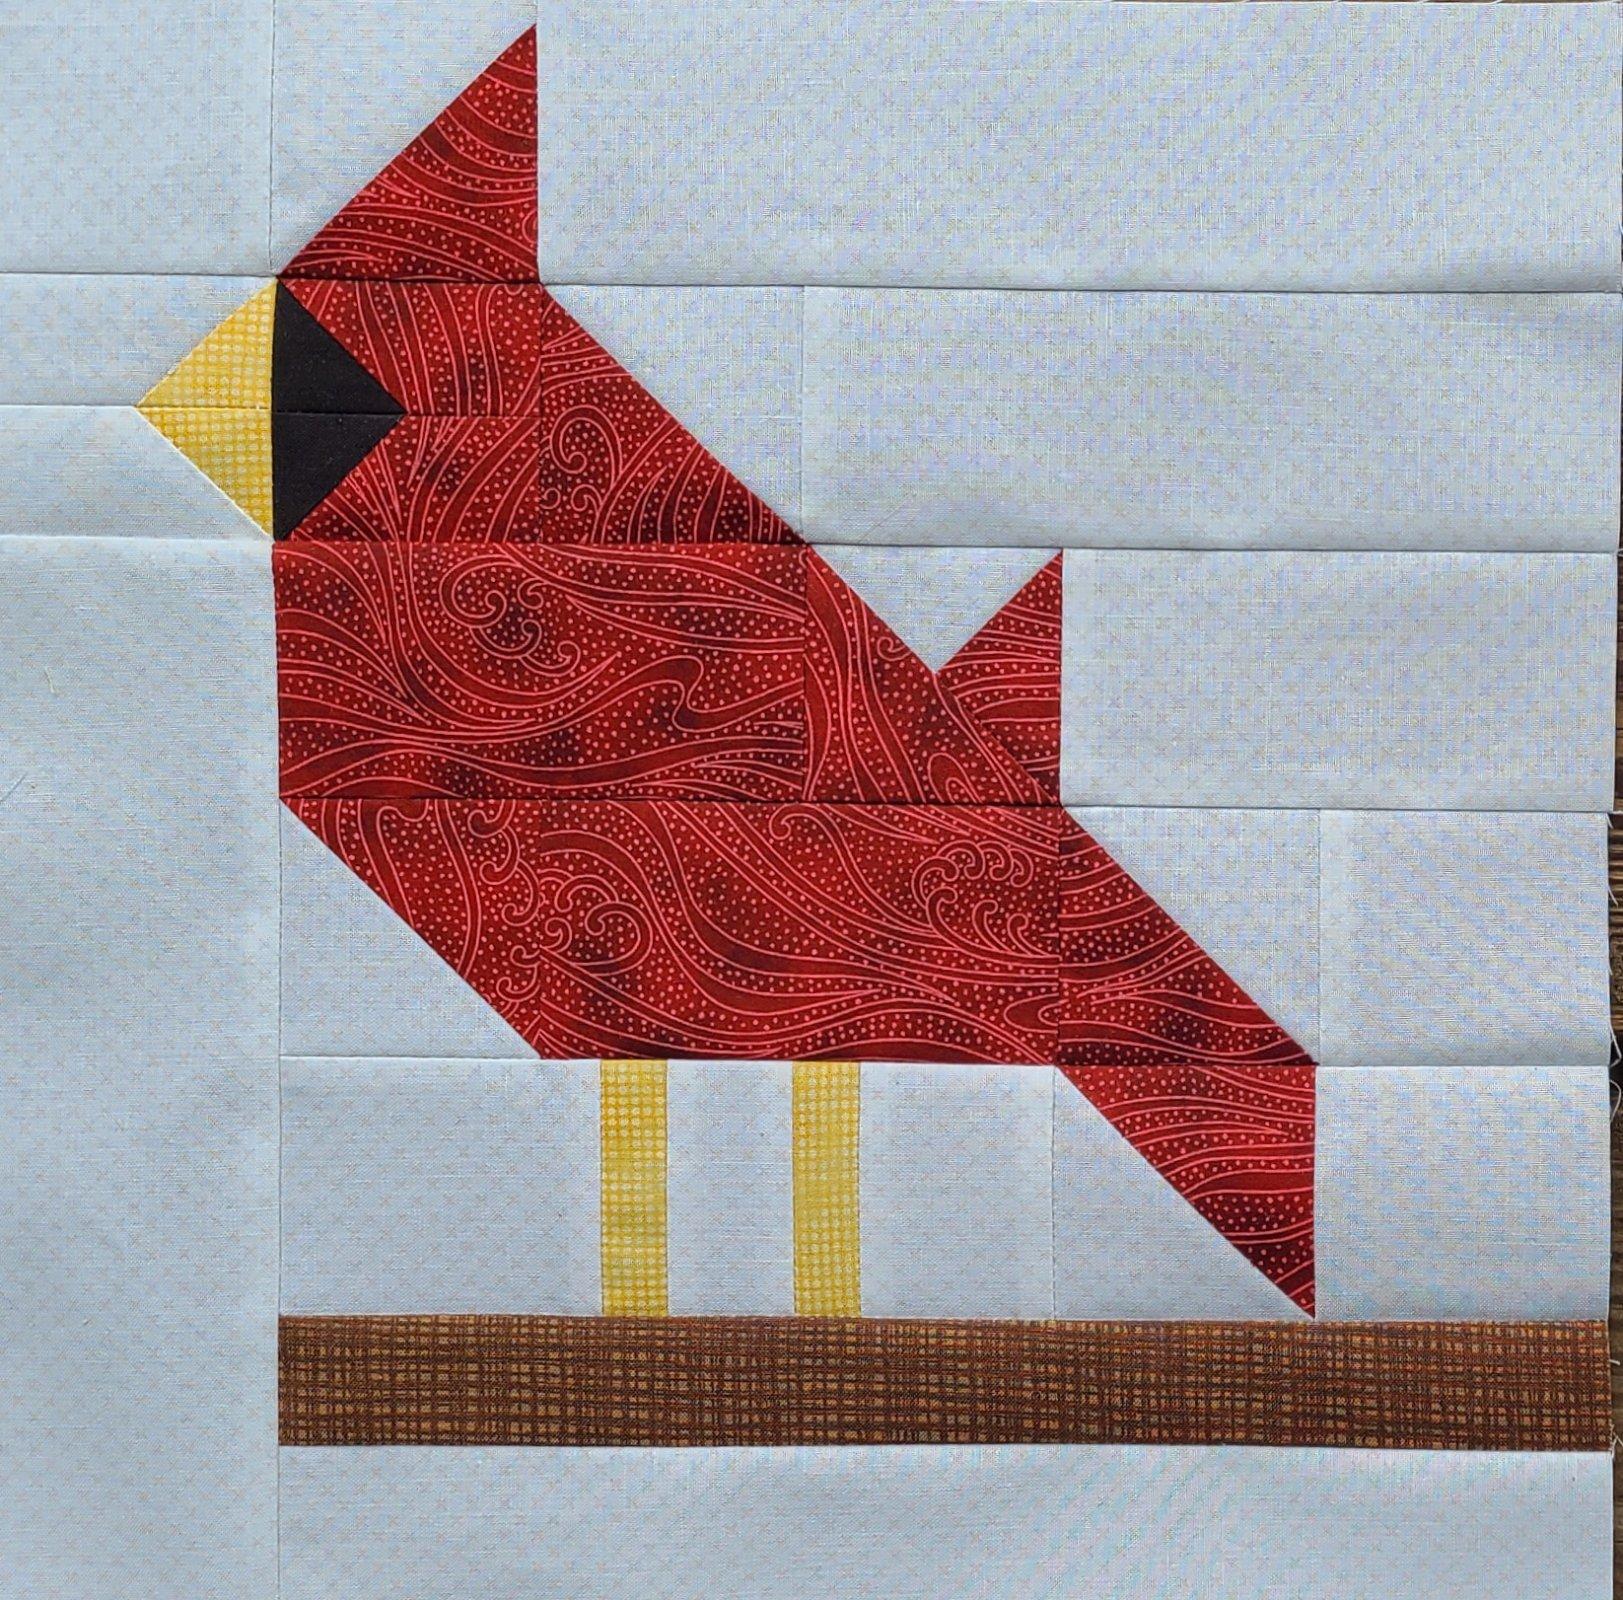 Carolina Cardinal - 6 finished Free block pattern